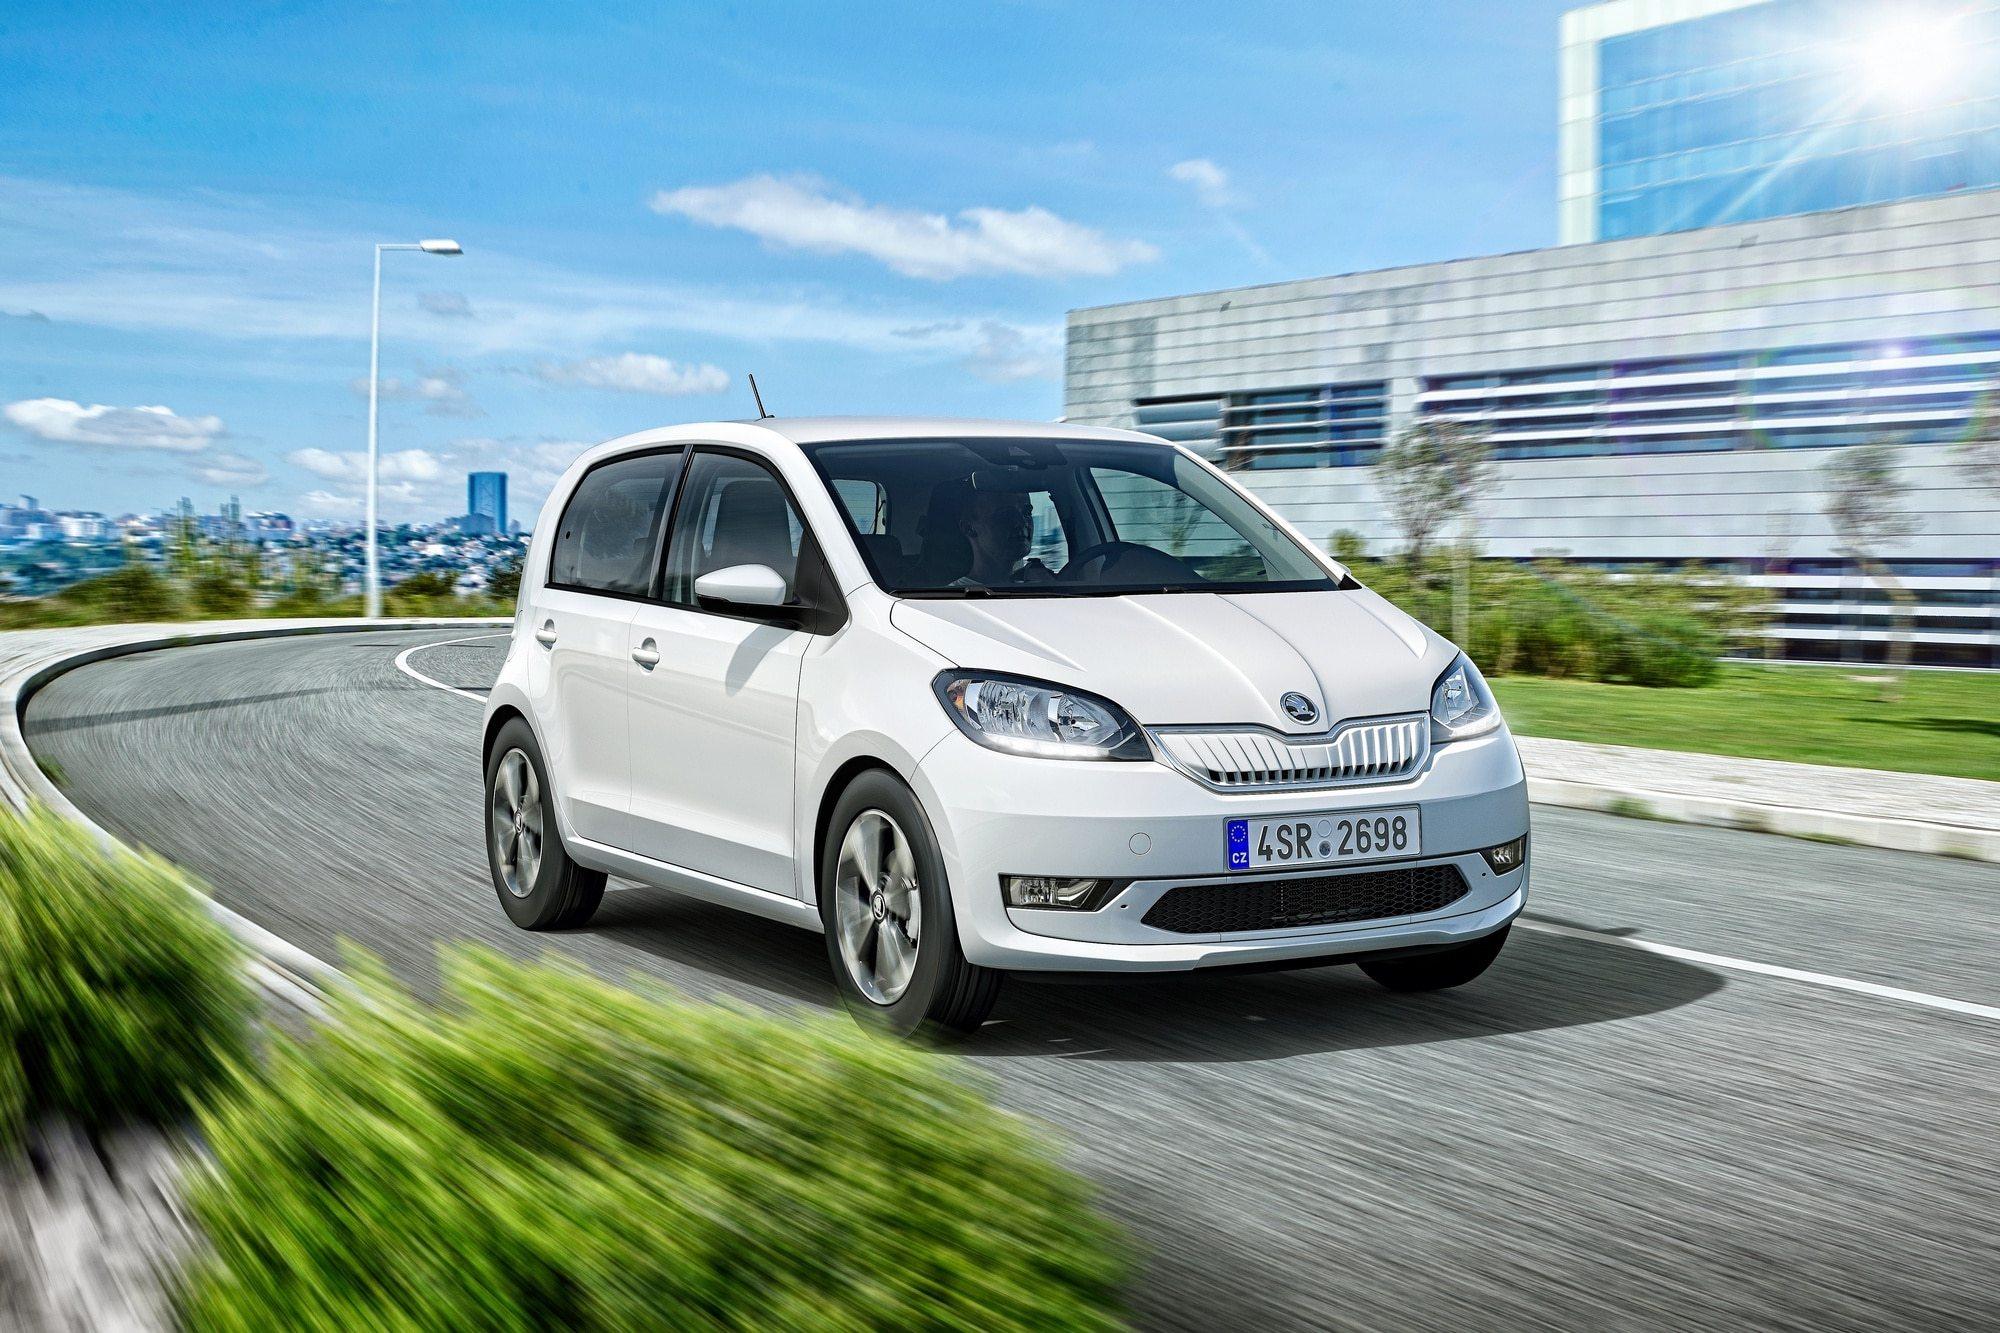 Новый электромобиль Skoda пользуется небывалым спросом 1